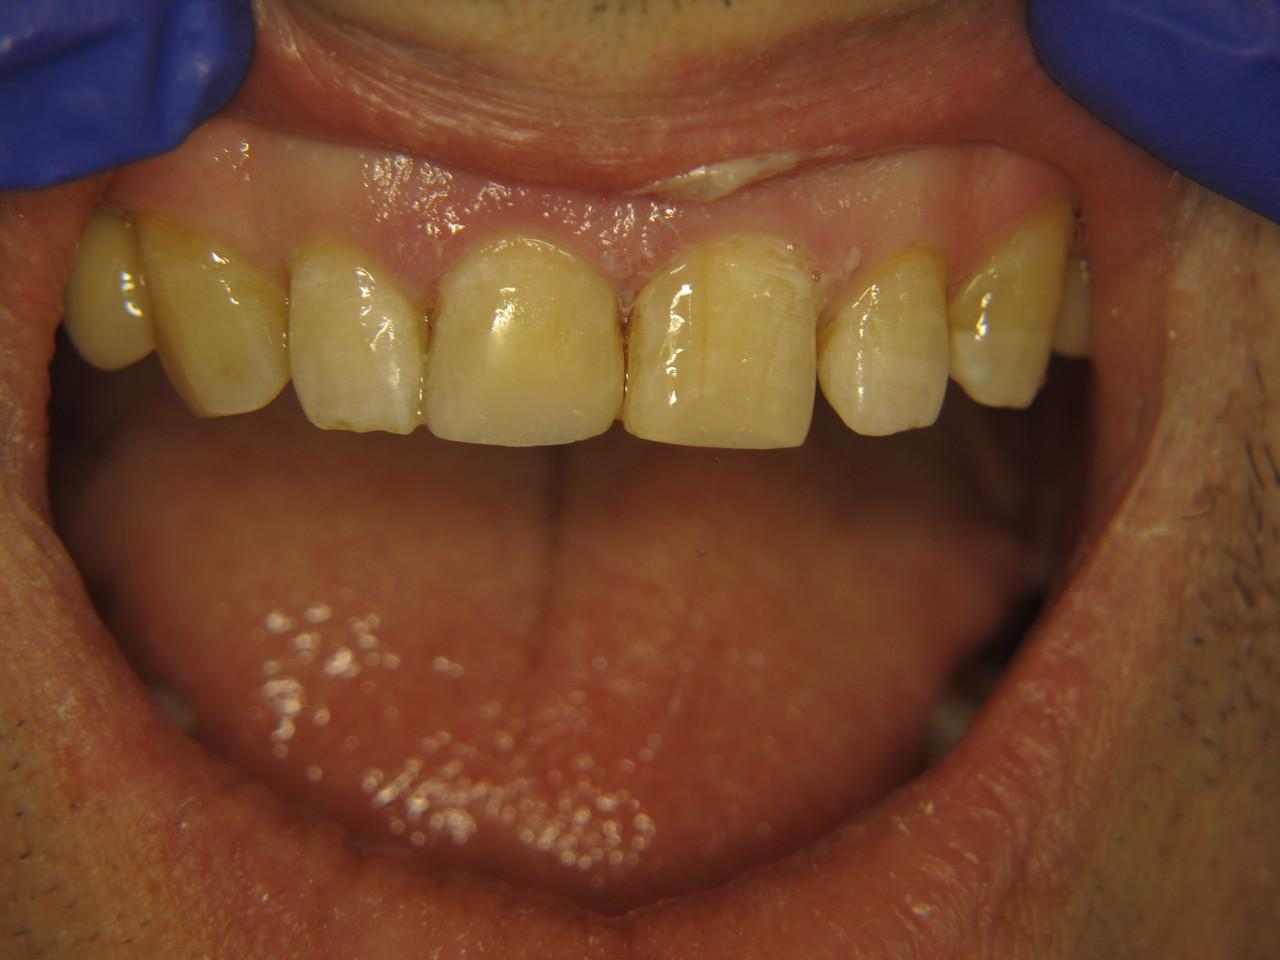 Рис. 5. Зубы 1.1 и 2.1 после реставрации композиционным материалом «Амарис».